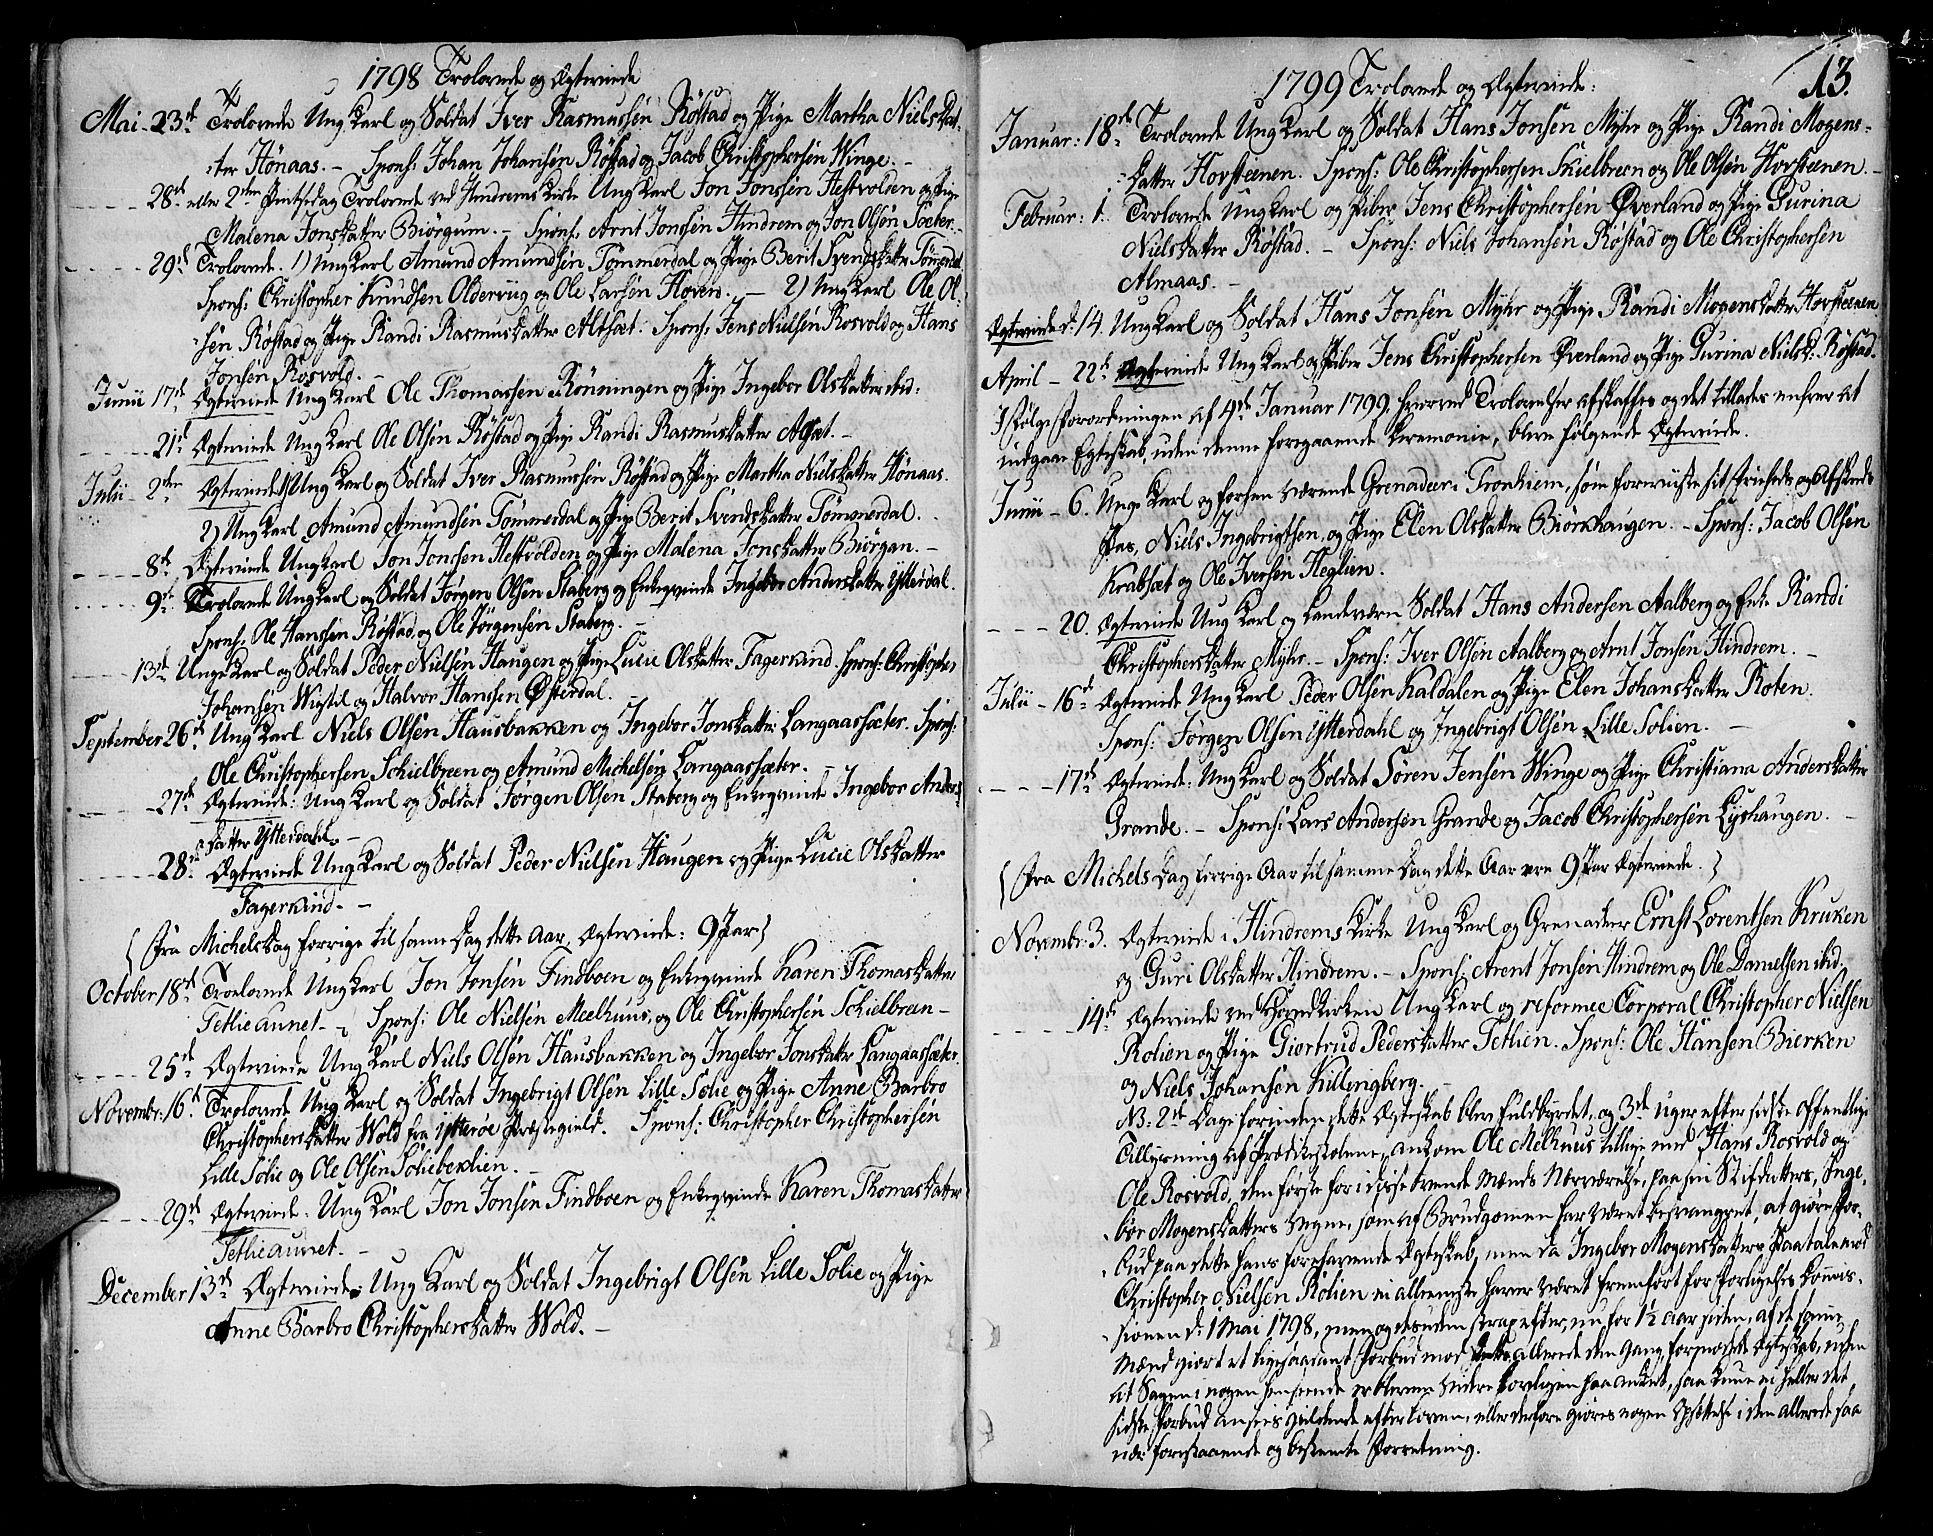 SAT, Ministerialprotokoller, klokkerbøker og fødselsregistre - Nord-Trøndelag, 701/L0004: Ministerialbok nr. 701A04, 1783-1816, s. 13